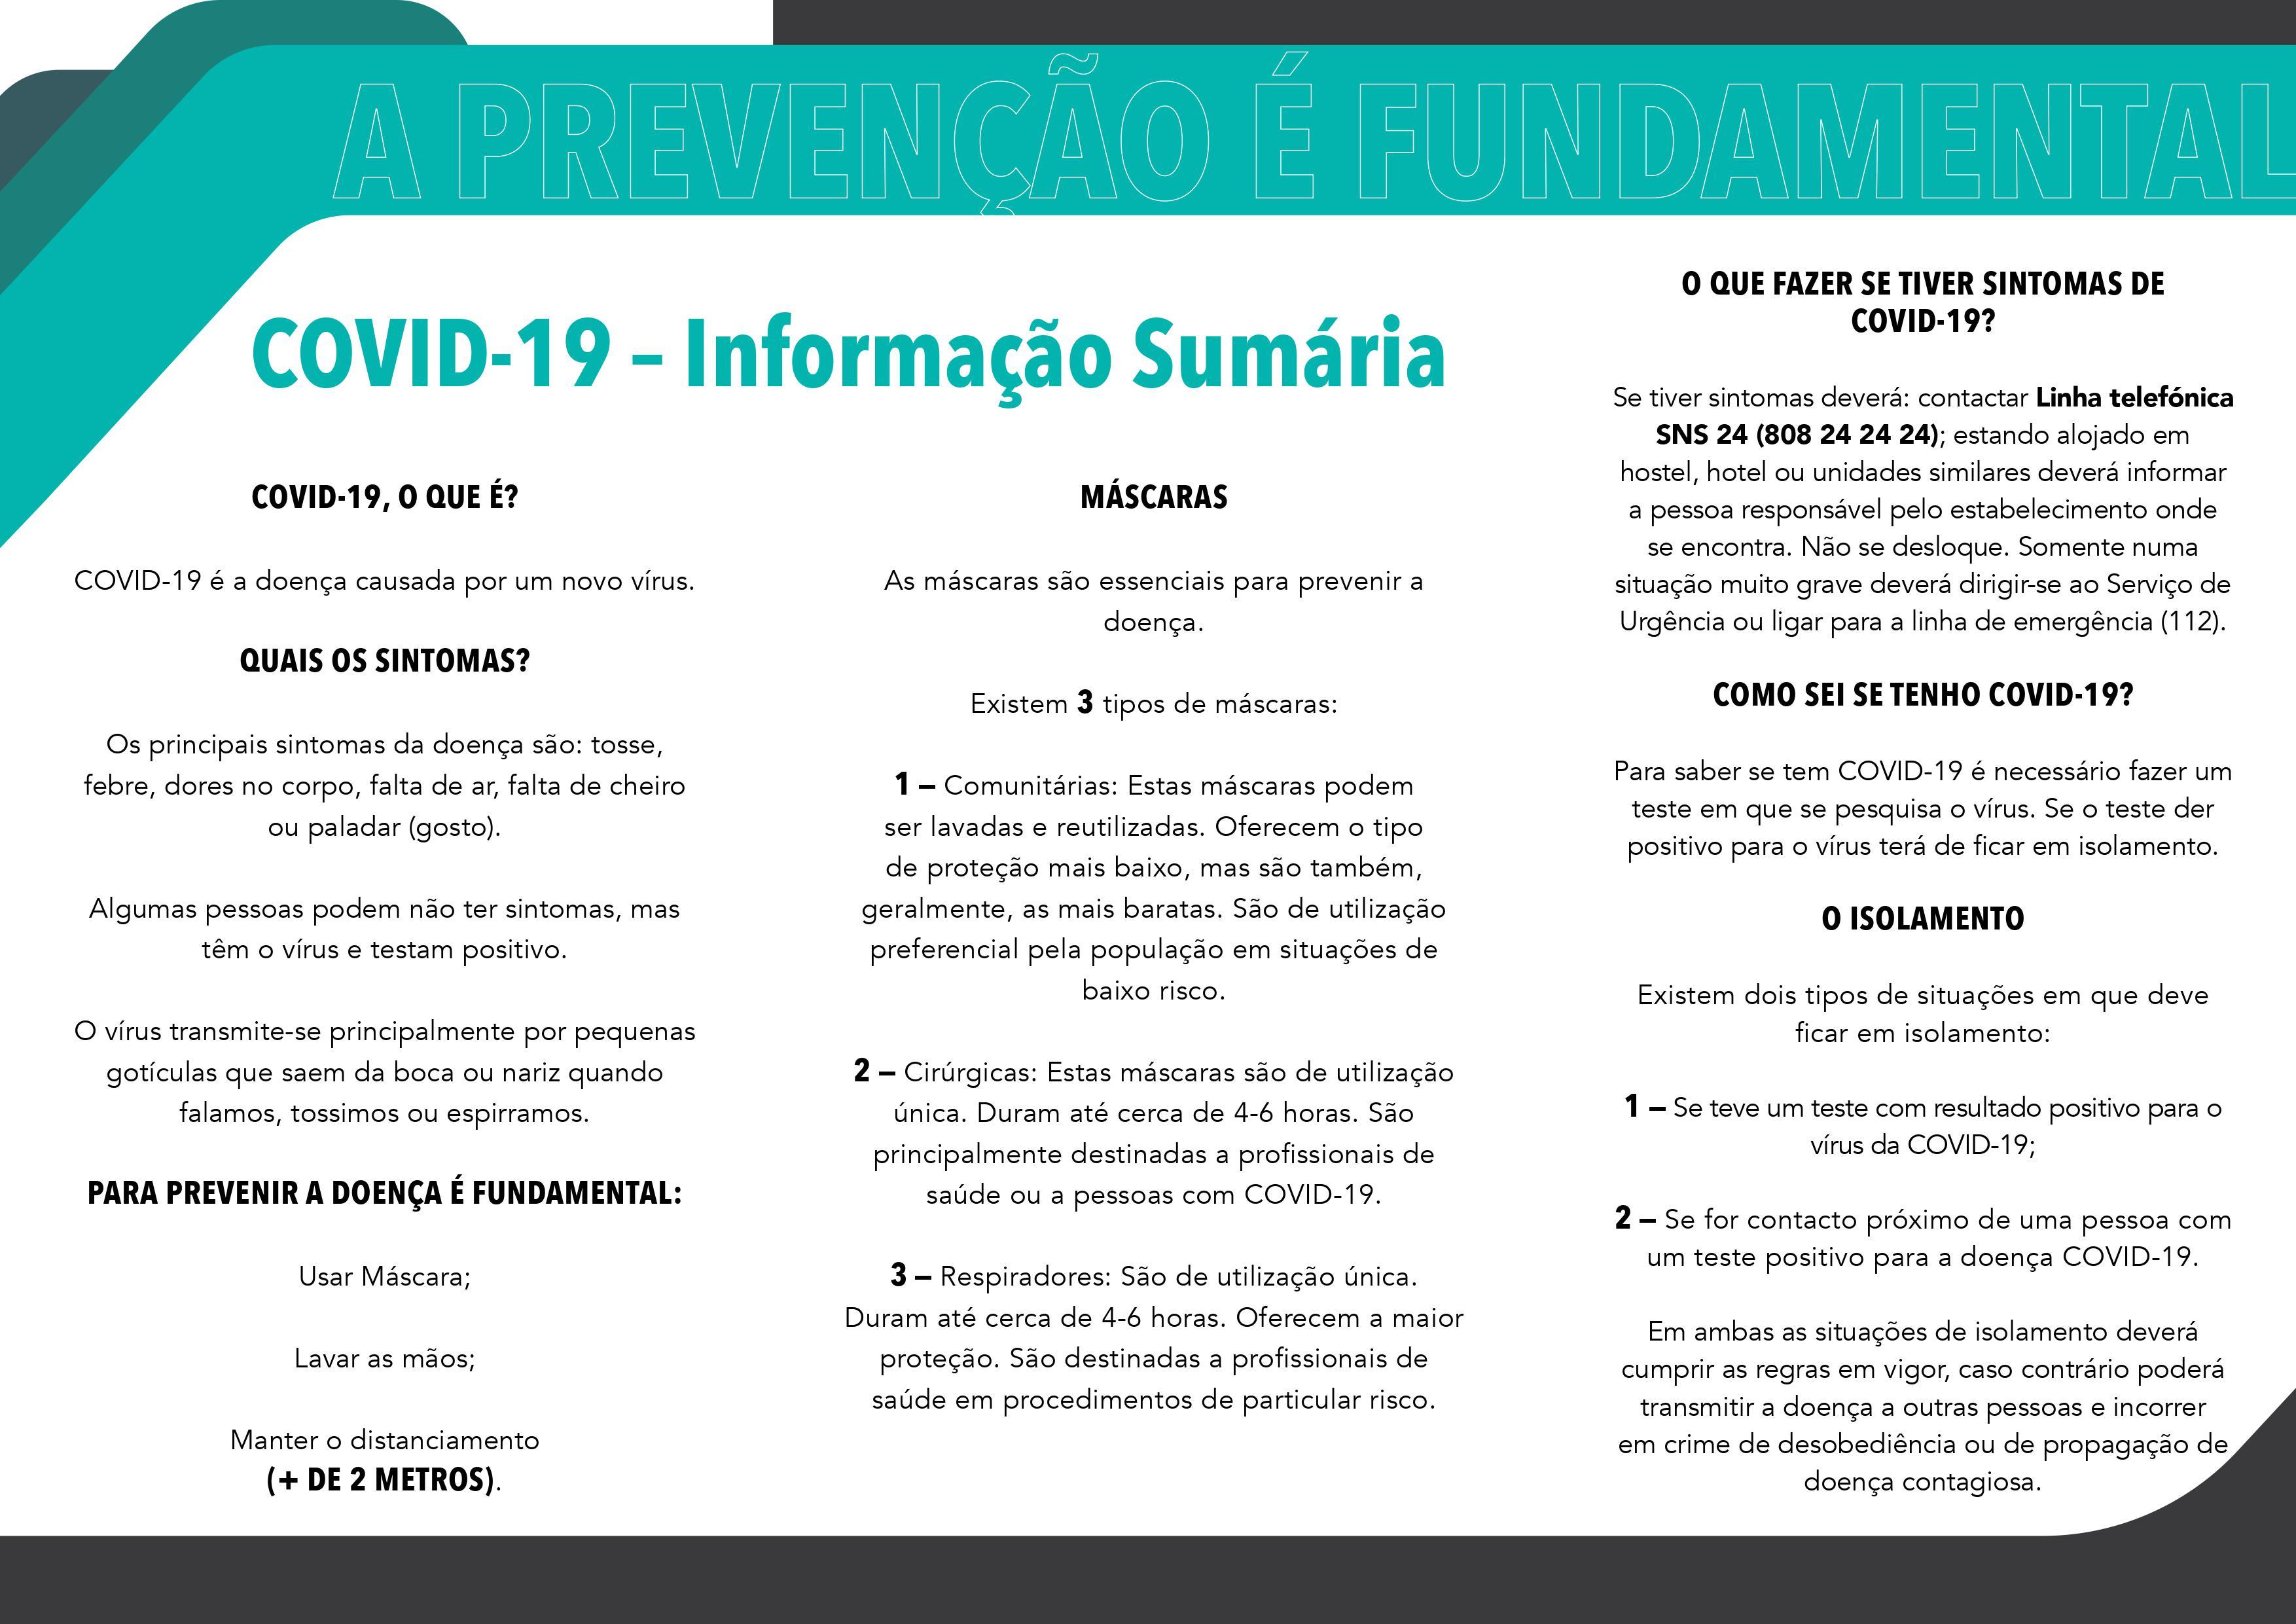 Flyer Covid 19 A prevenção é fundamental PT imagem 2